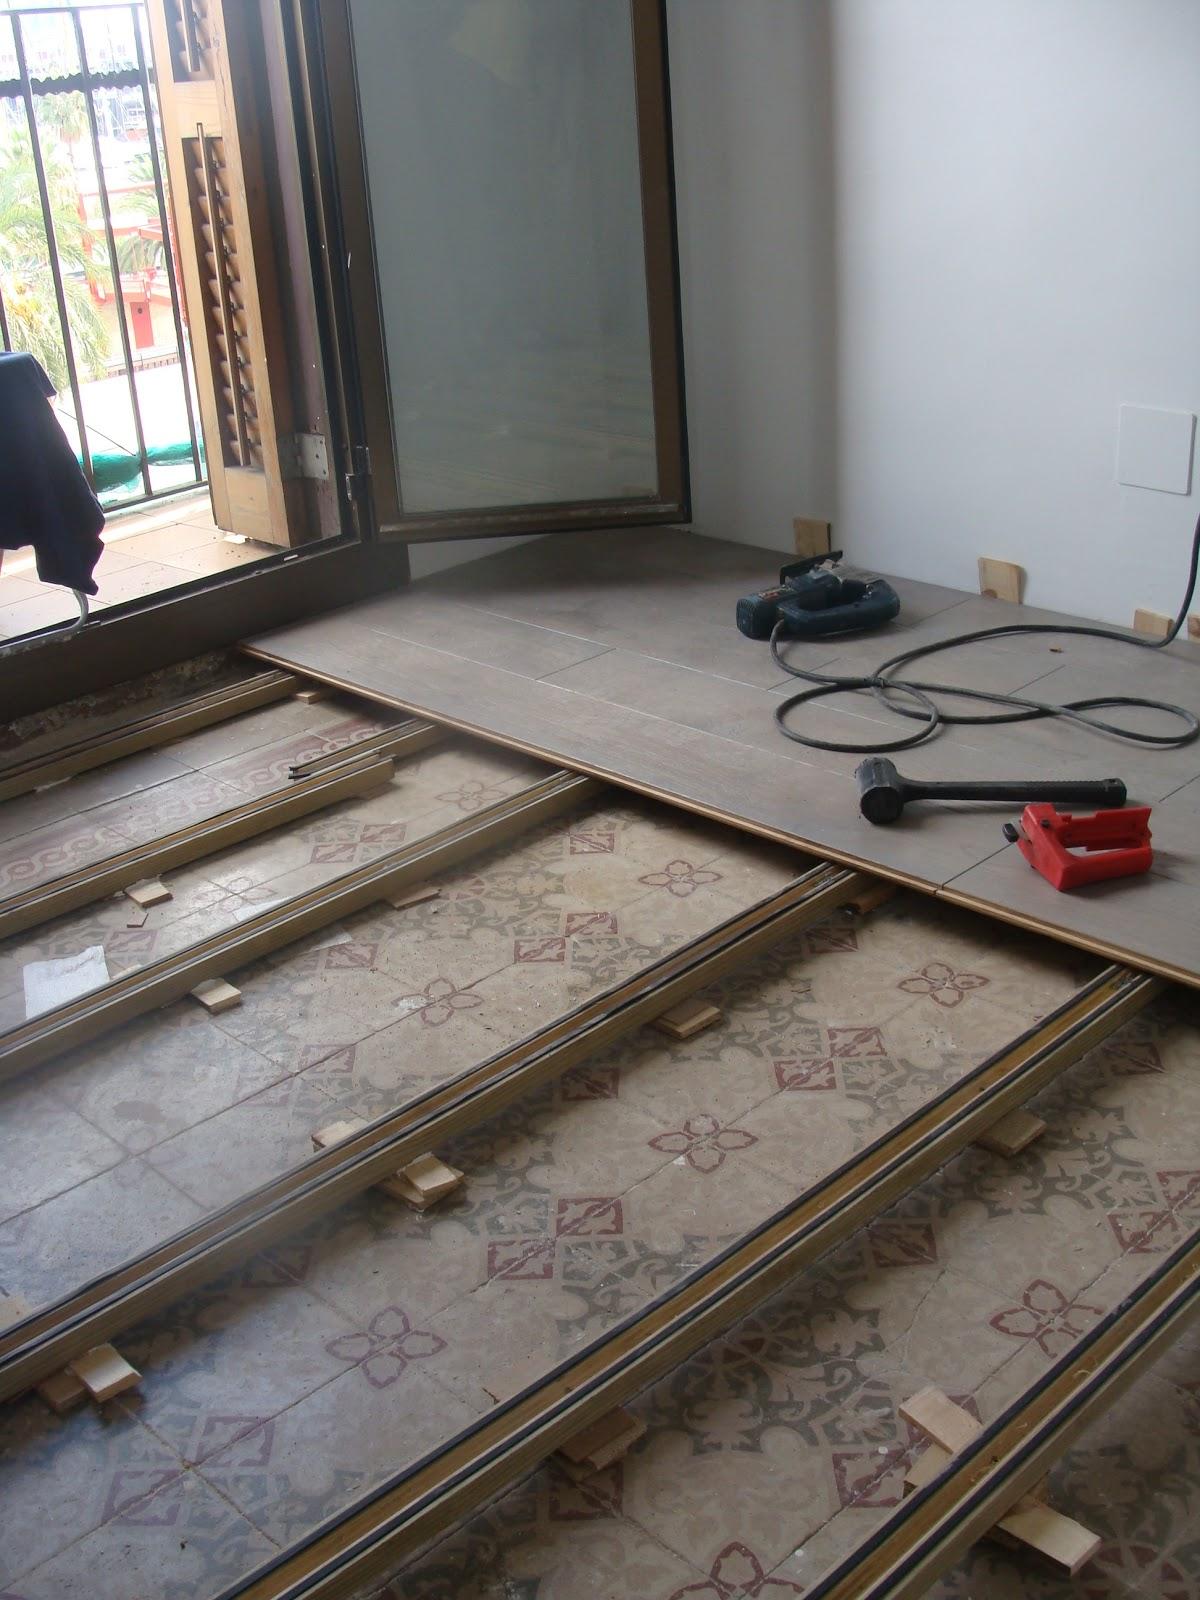 Tarimasnaturales tarima natural y rastrelado de gran - Rellenar juntas piso madera ...